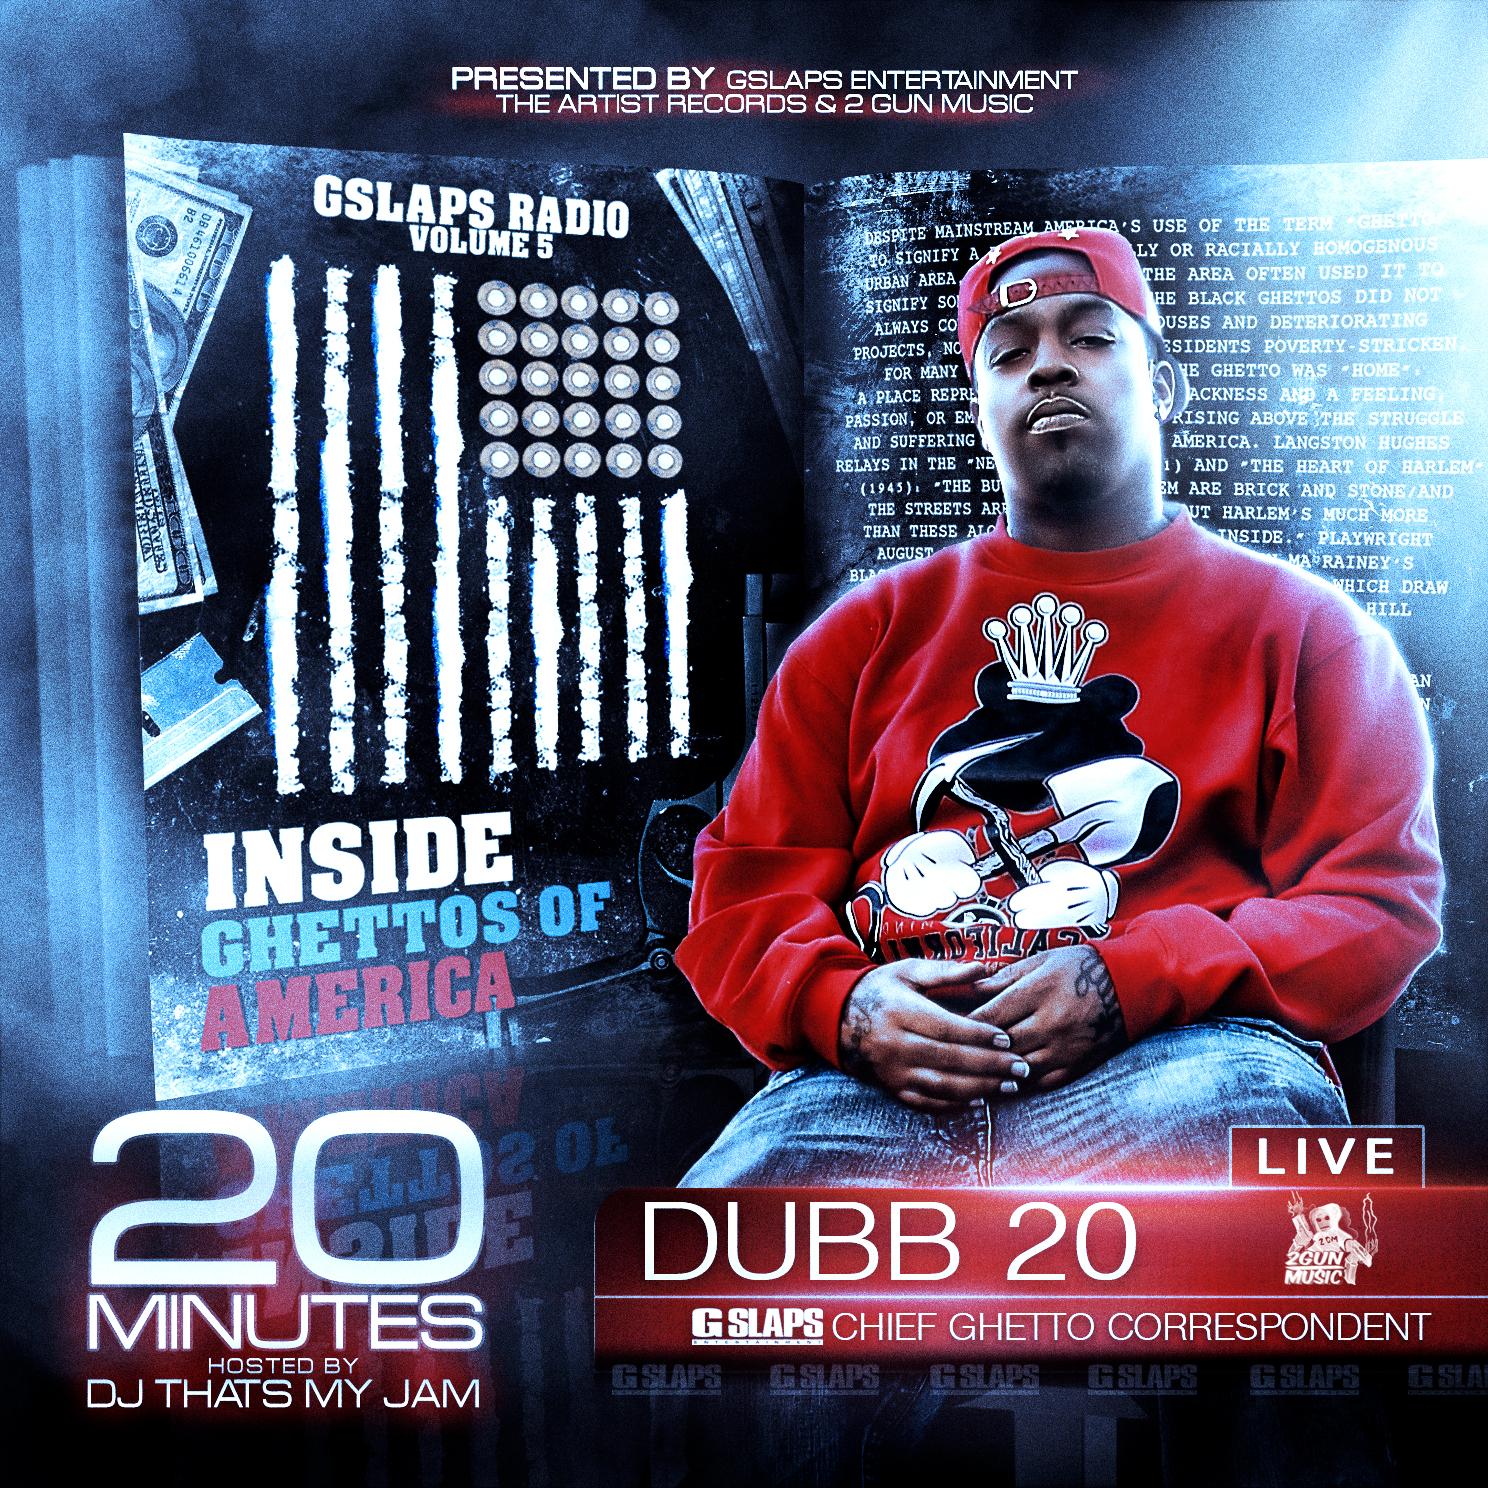 Dubb 20 - GSlaps Radio - 20 Minutes